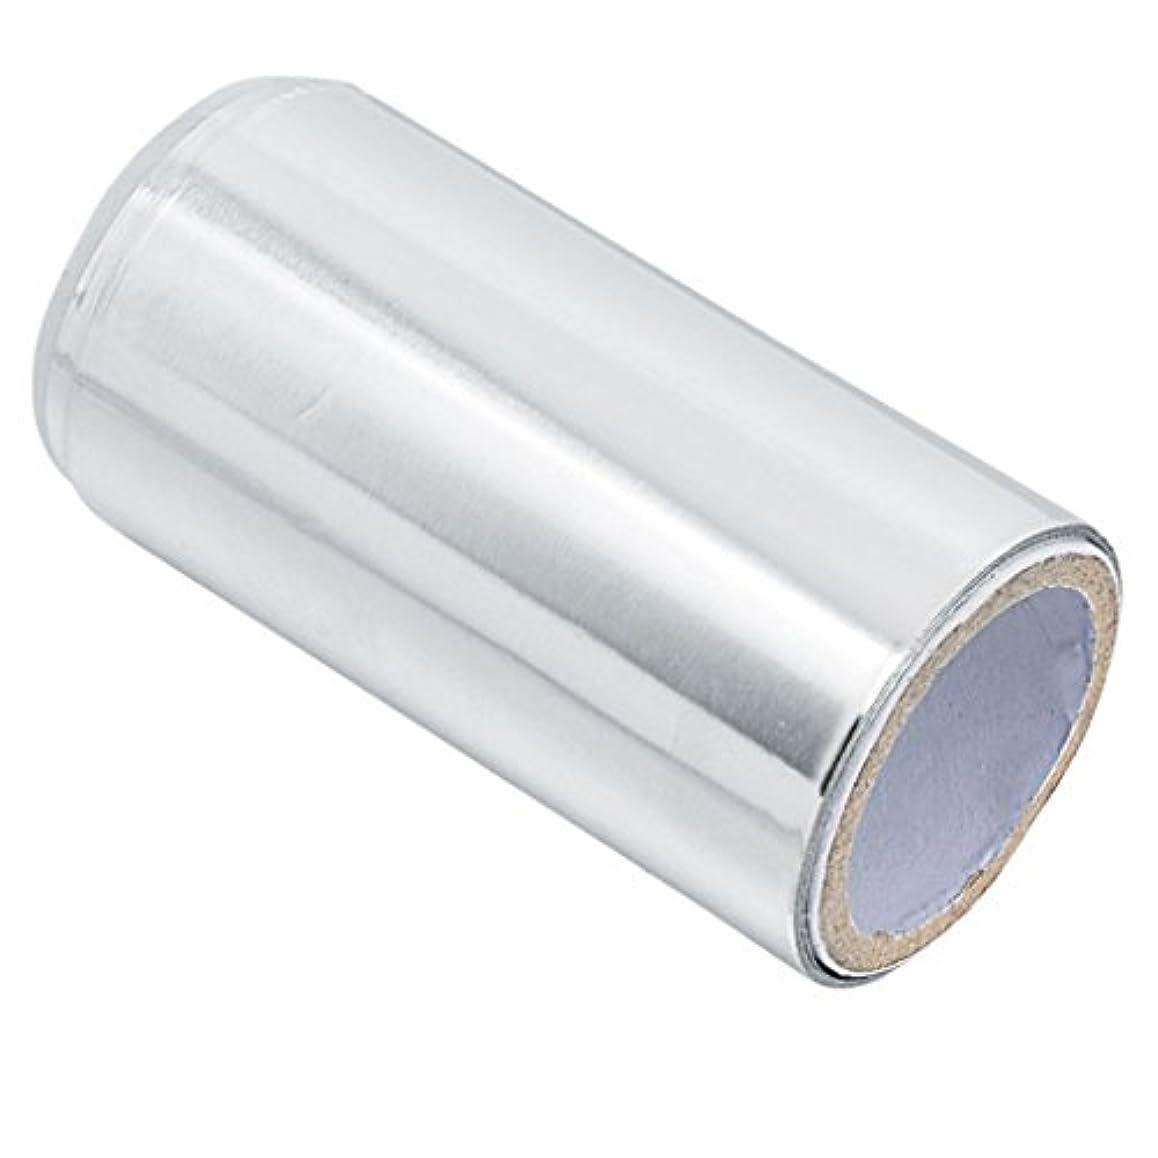 トランスミッション戦い芽マニキュア錫箔紙 ヘア/ネイル用 ジェル除却 ヘアパーマ 約5m